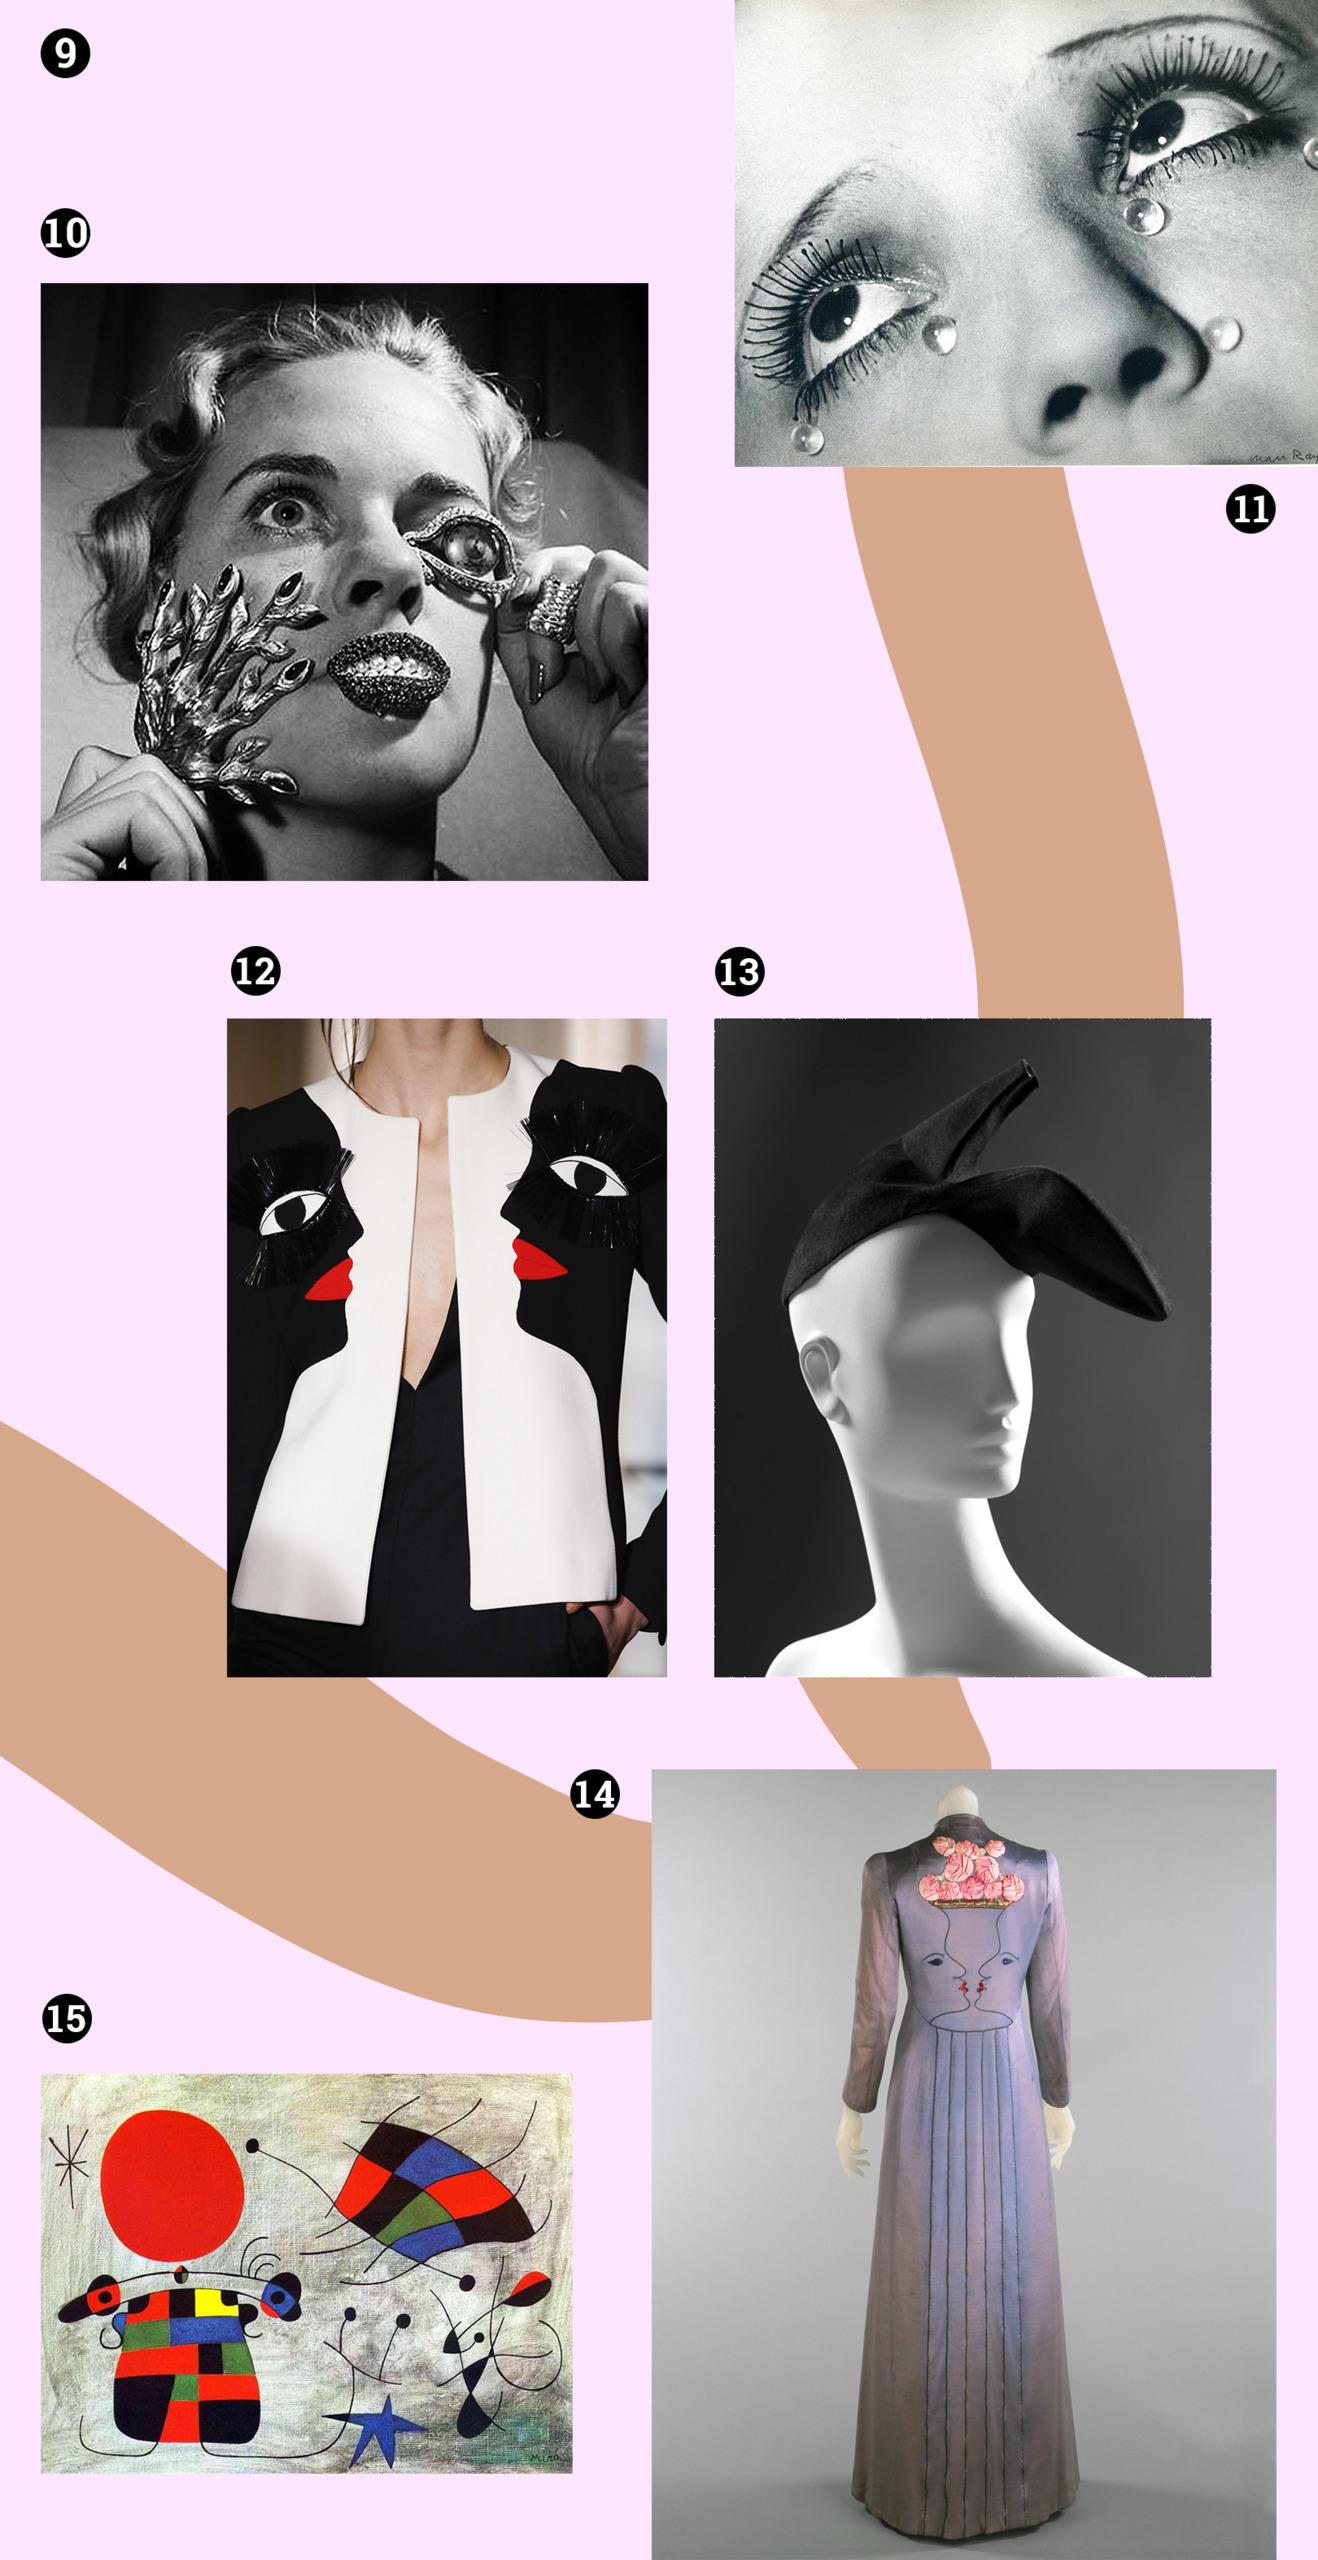 Obraz przedstawia różne zdjęcia na blado-różowym tle. Widzimy sukienkę, kapelusz w kształcie buta, czarno-białe fotografie damskich twarzy, obraz.